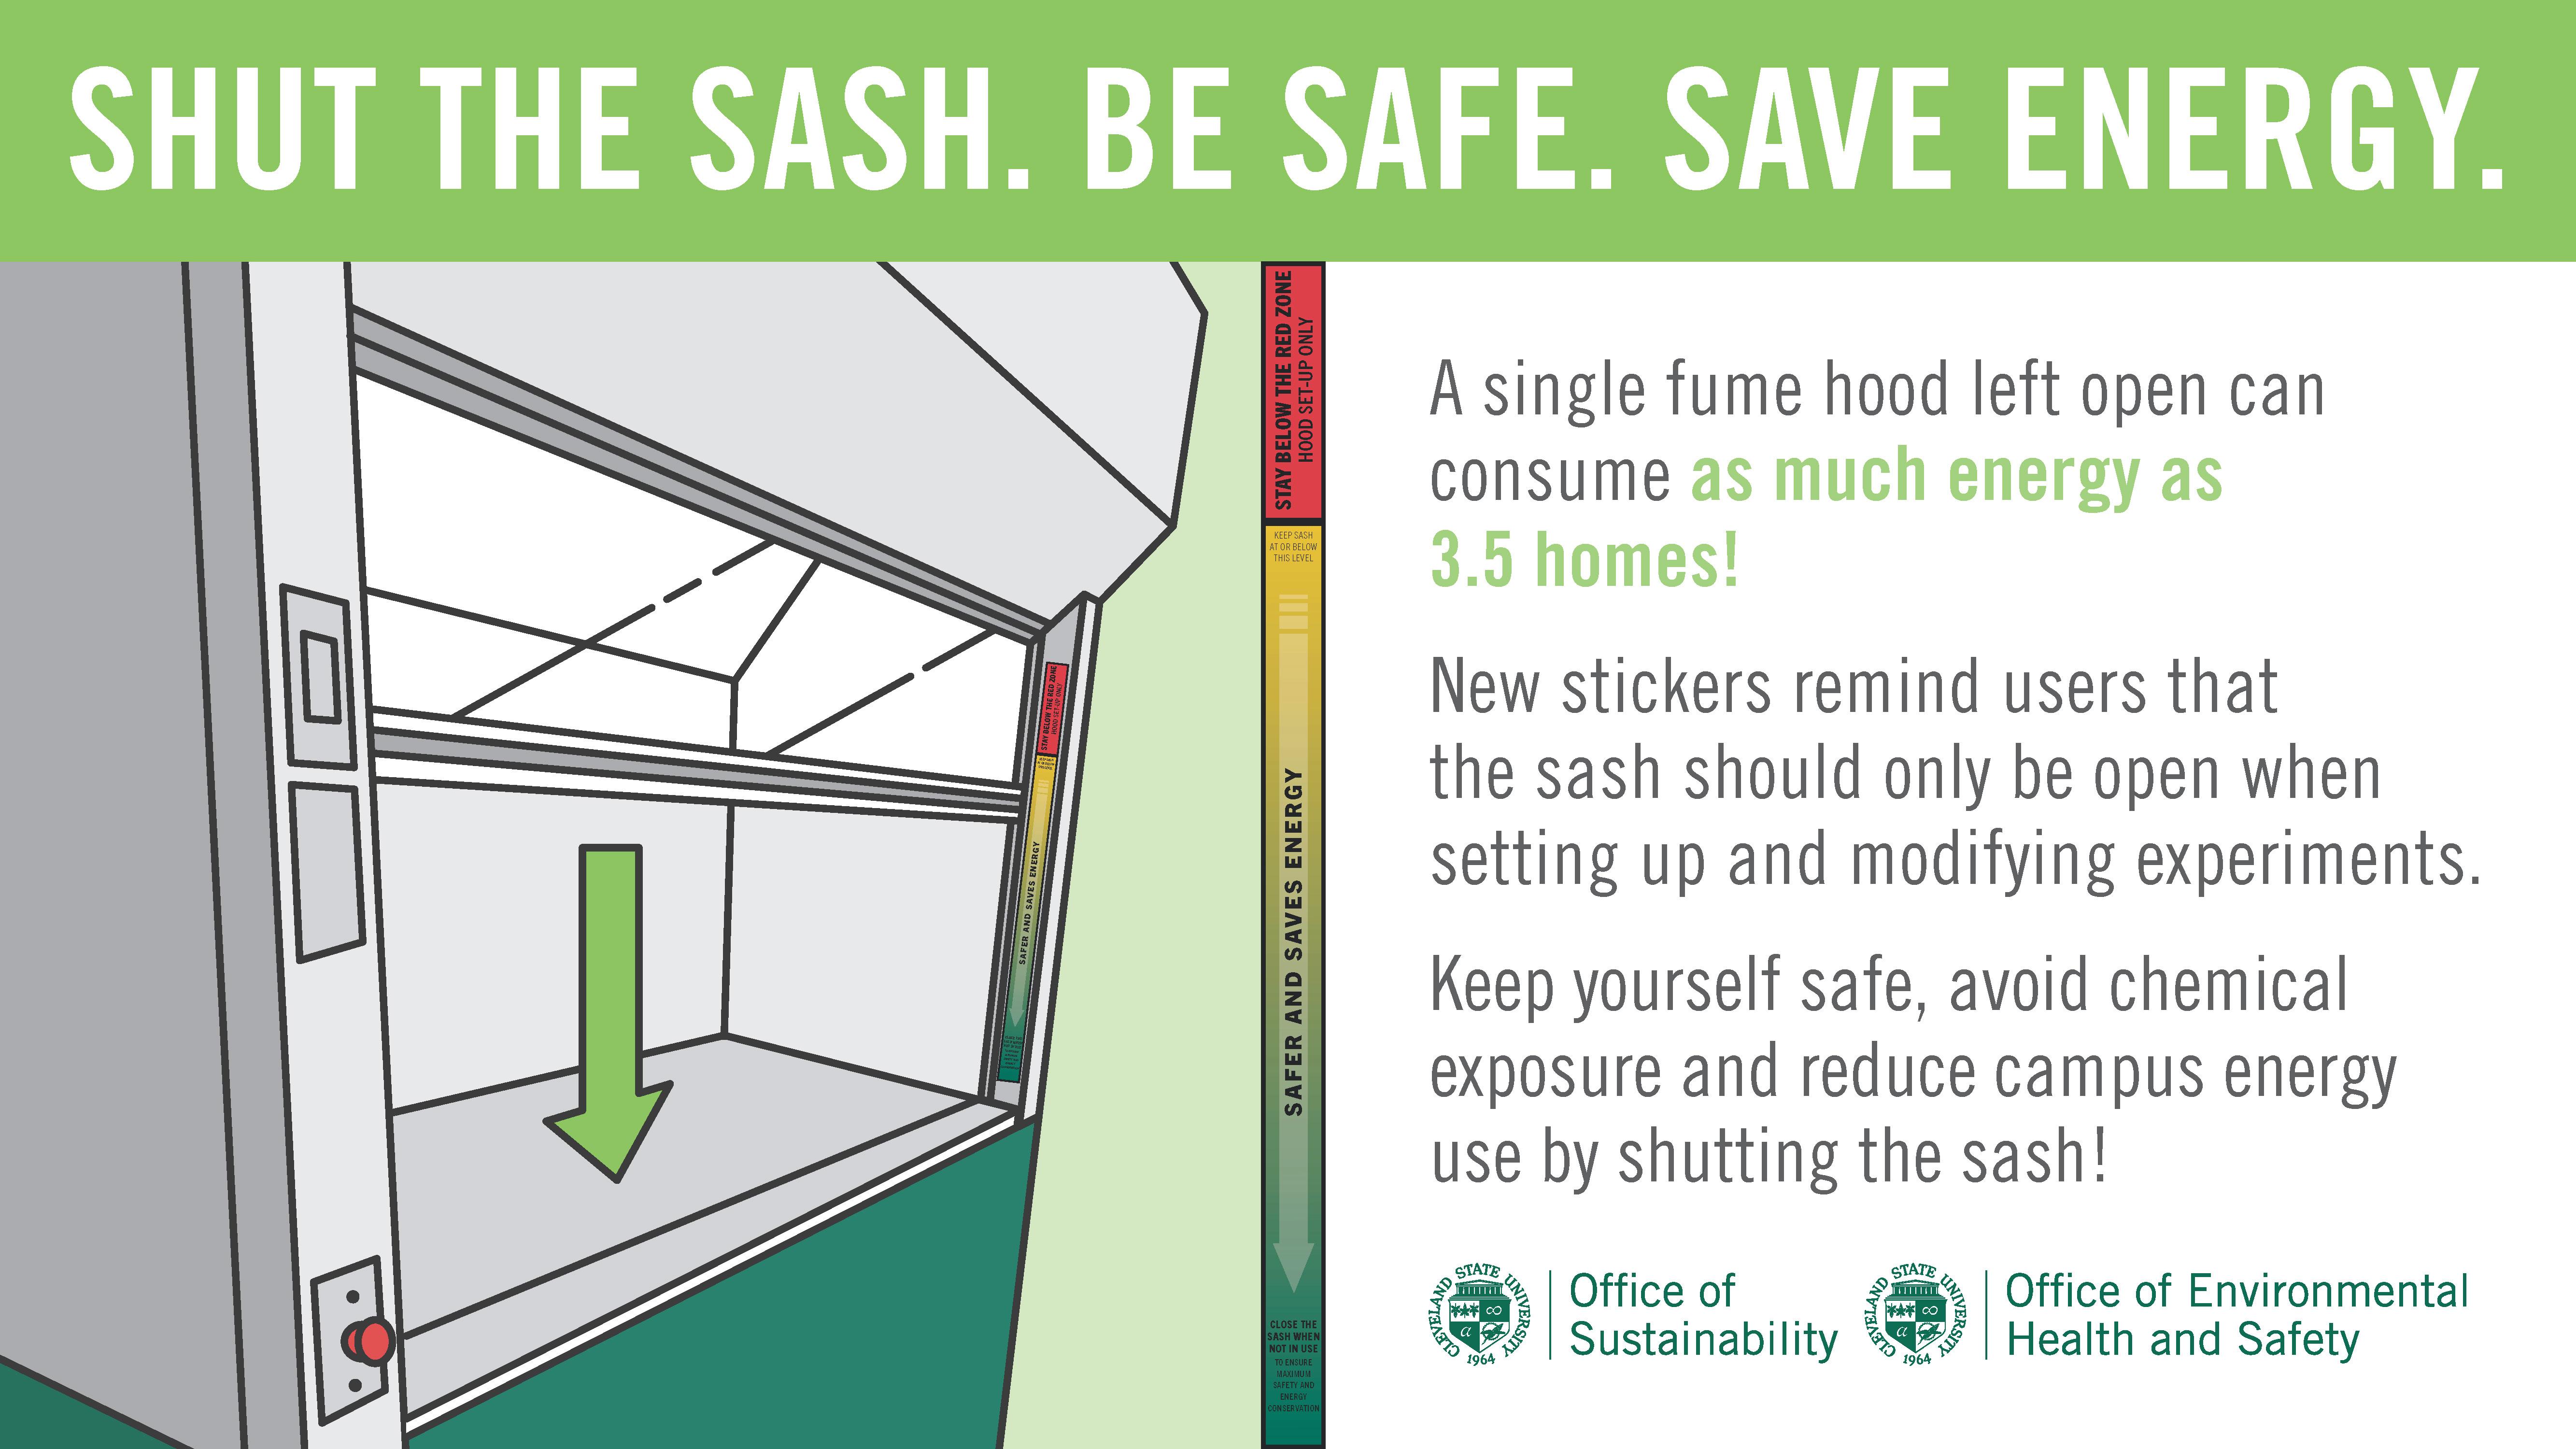 Shut the Sash - Be Safe - Save Energy